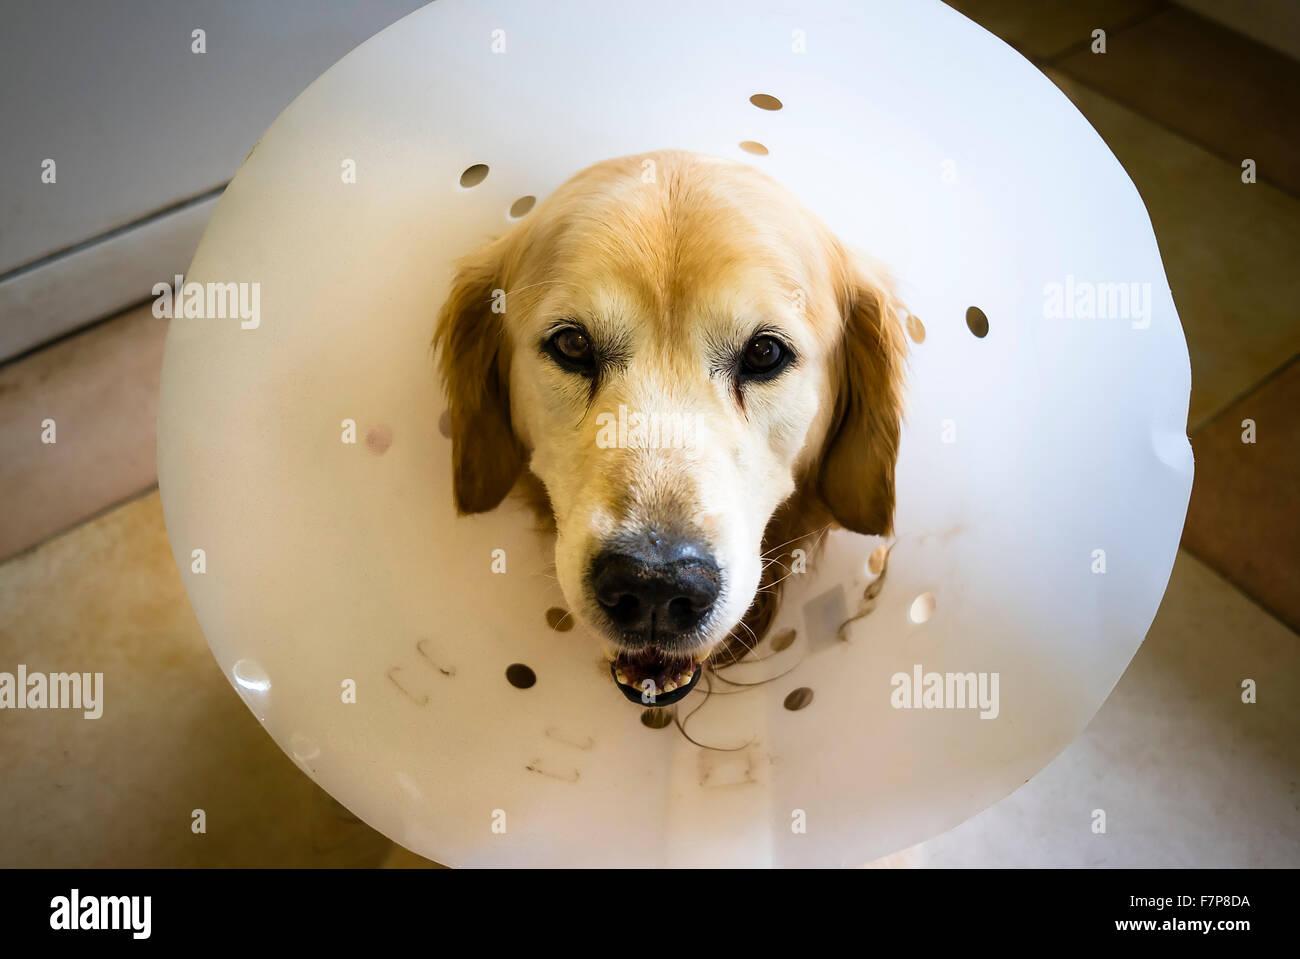 Golden recuperare cane indossando un grande collare per prevenire il peggioramento di una guarigione chirurgica Immagini Stock